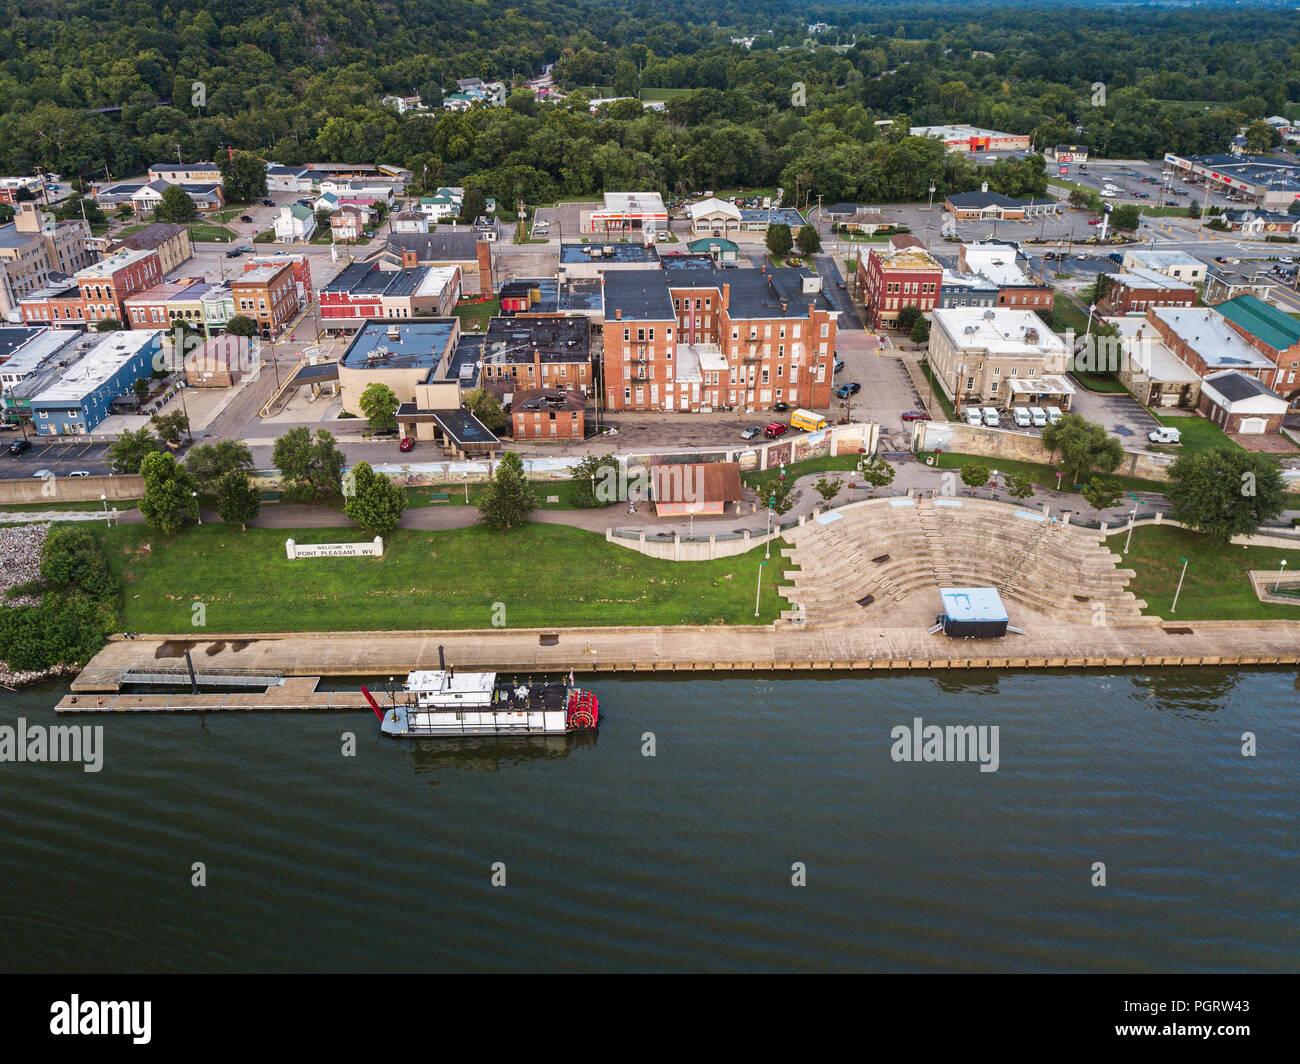 Vue aérienne de la rivière avec une petite roue arrière amarré au centre-ville de Point Pleasant, en Virginie occidentale. Photo Stock